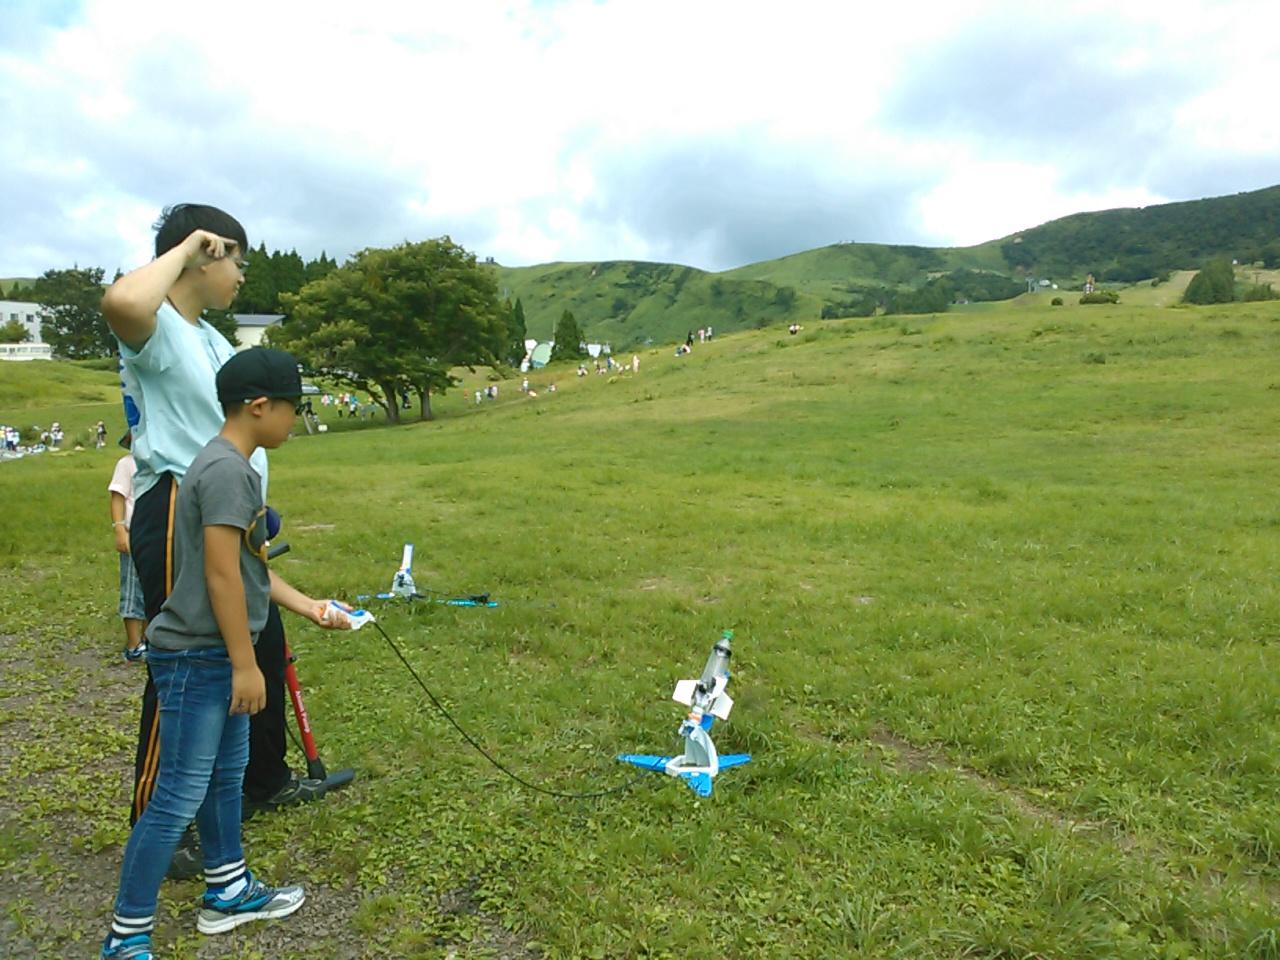 サマーキャンプ2日目午前・ペットボトルロケット5